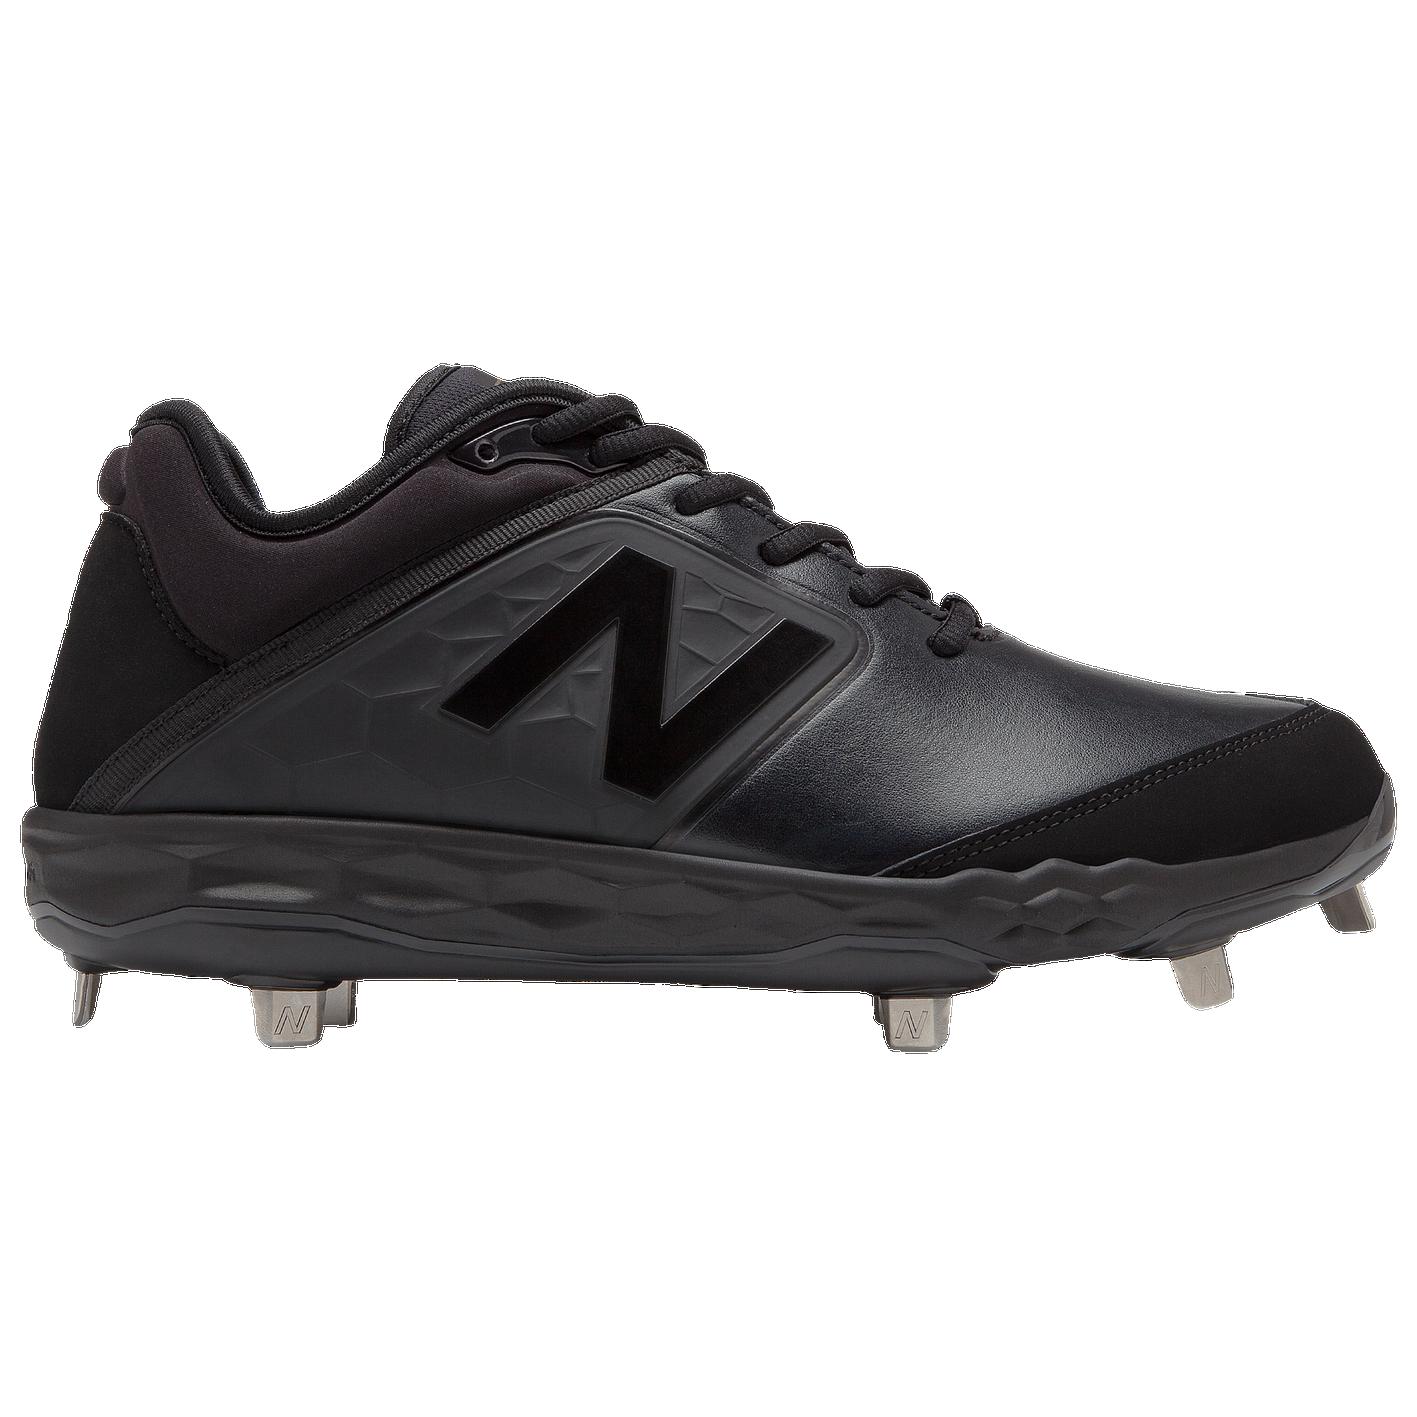 42129821ef5 New Balance 3000v4 Metal Low - Men s - Baseball - Shoes - Black Black